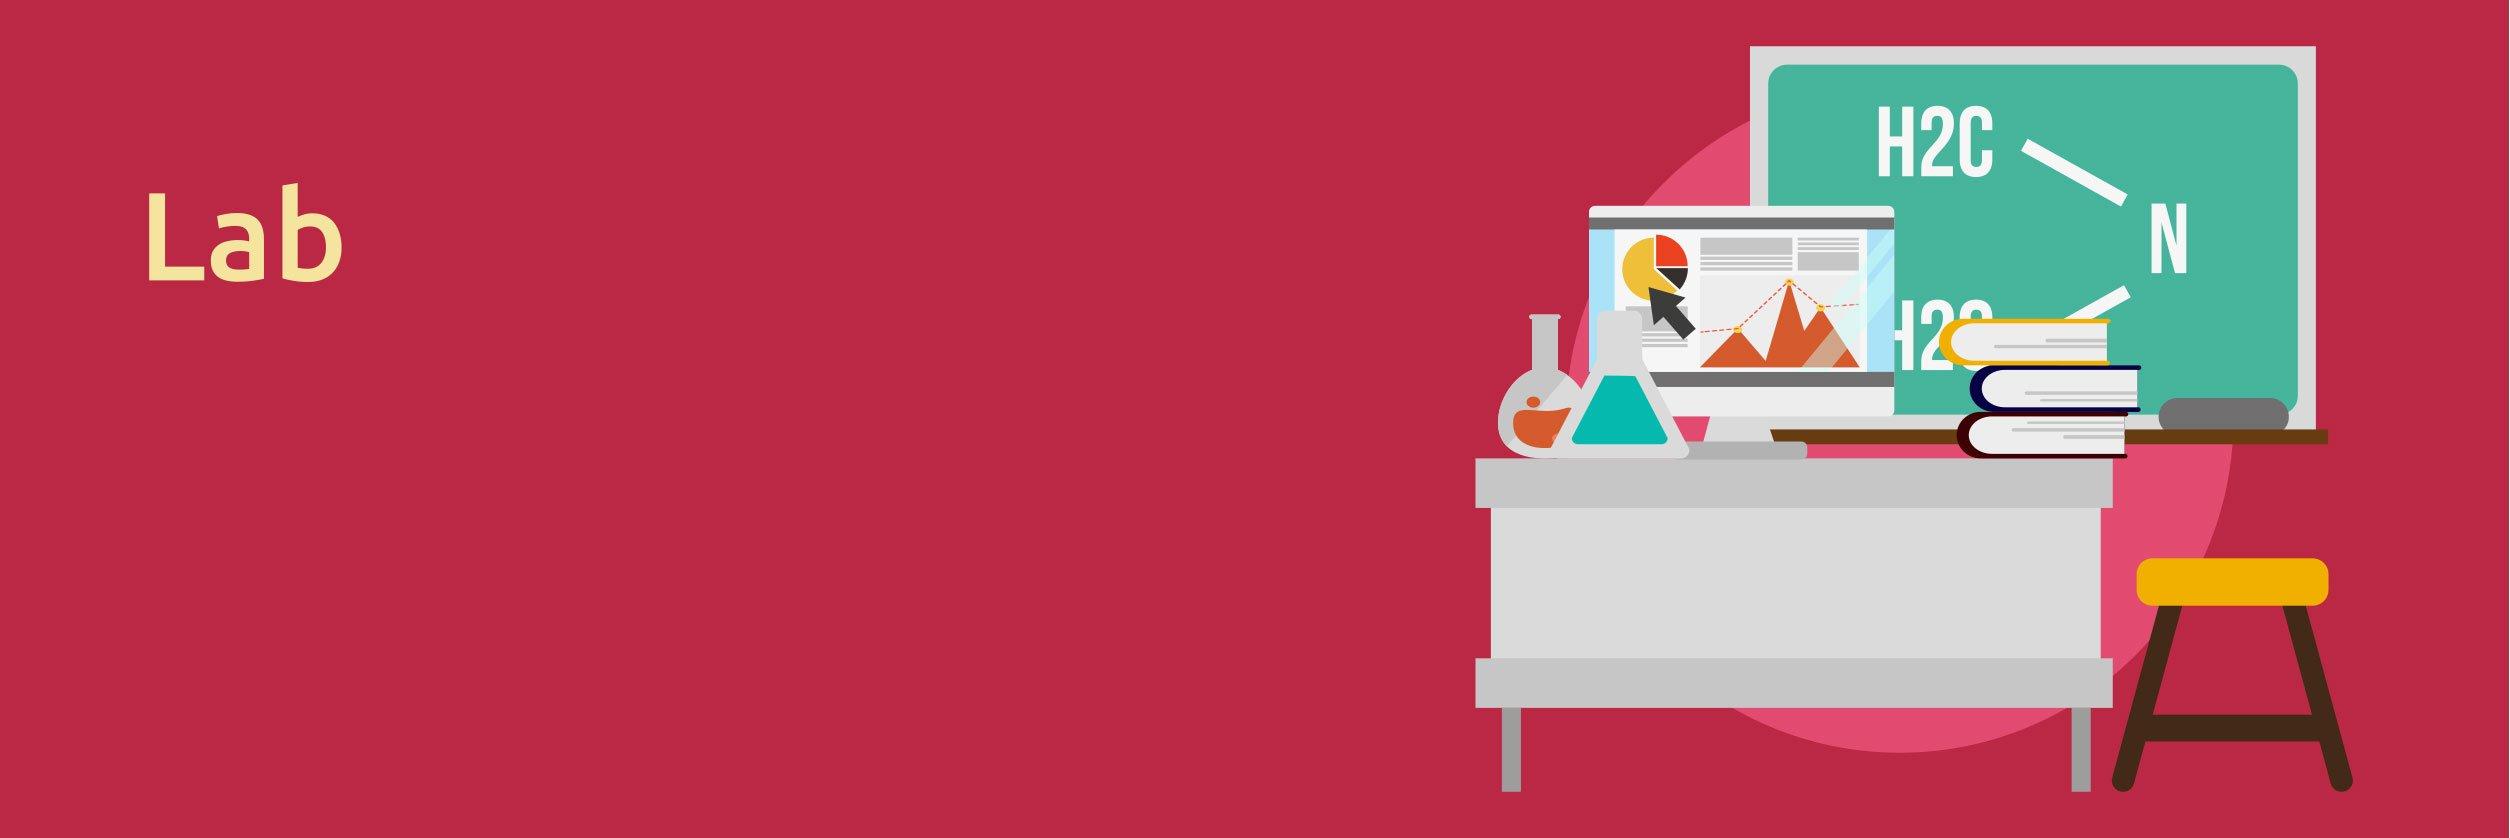 Prenotazione Sale Laboratorio e Studi Tecnici